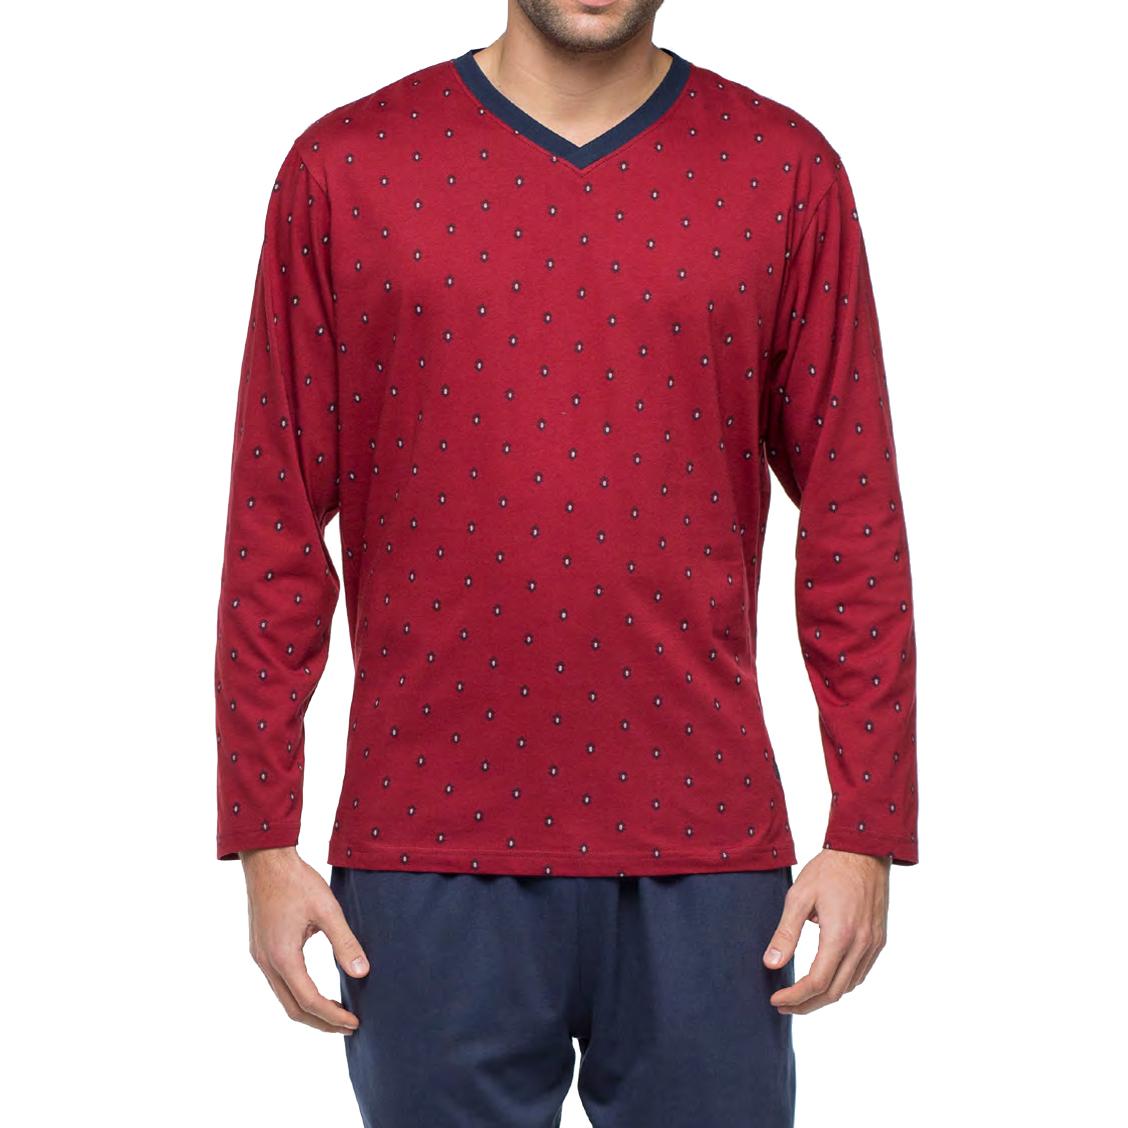 Pyjama long Guasch en jersey de coton : tee-shirt manches longues col V bordeaux à motifs et pantalon bleu marine